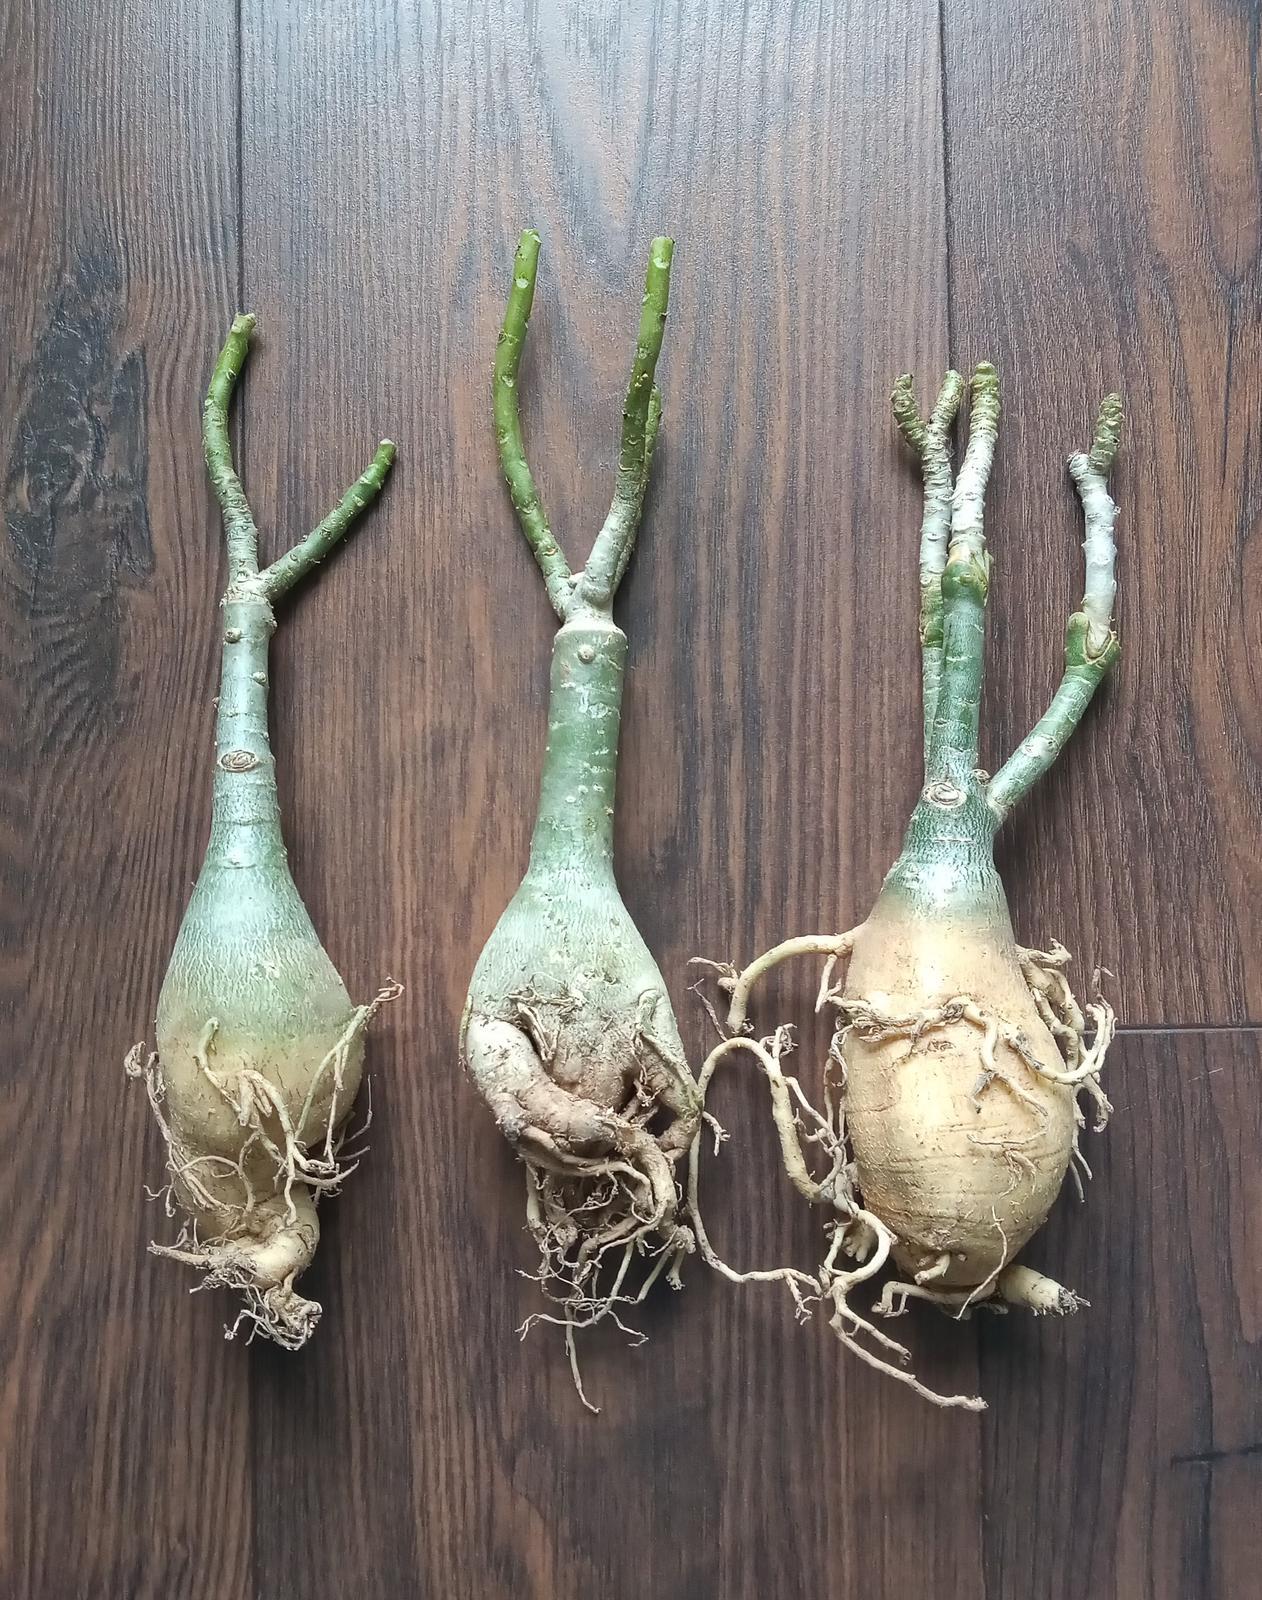 Adenium obesum - vrúbľované rastliny - Obrázok č. 1